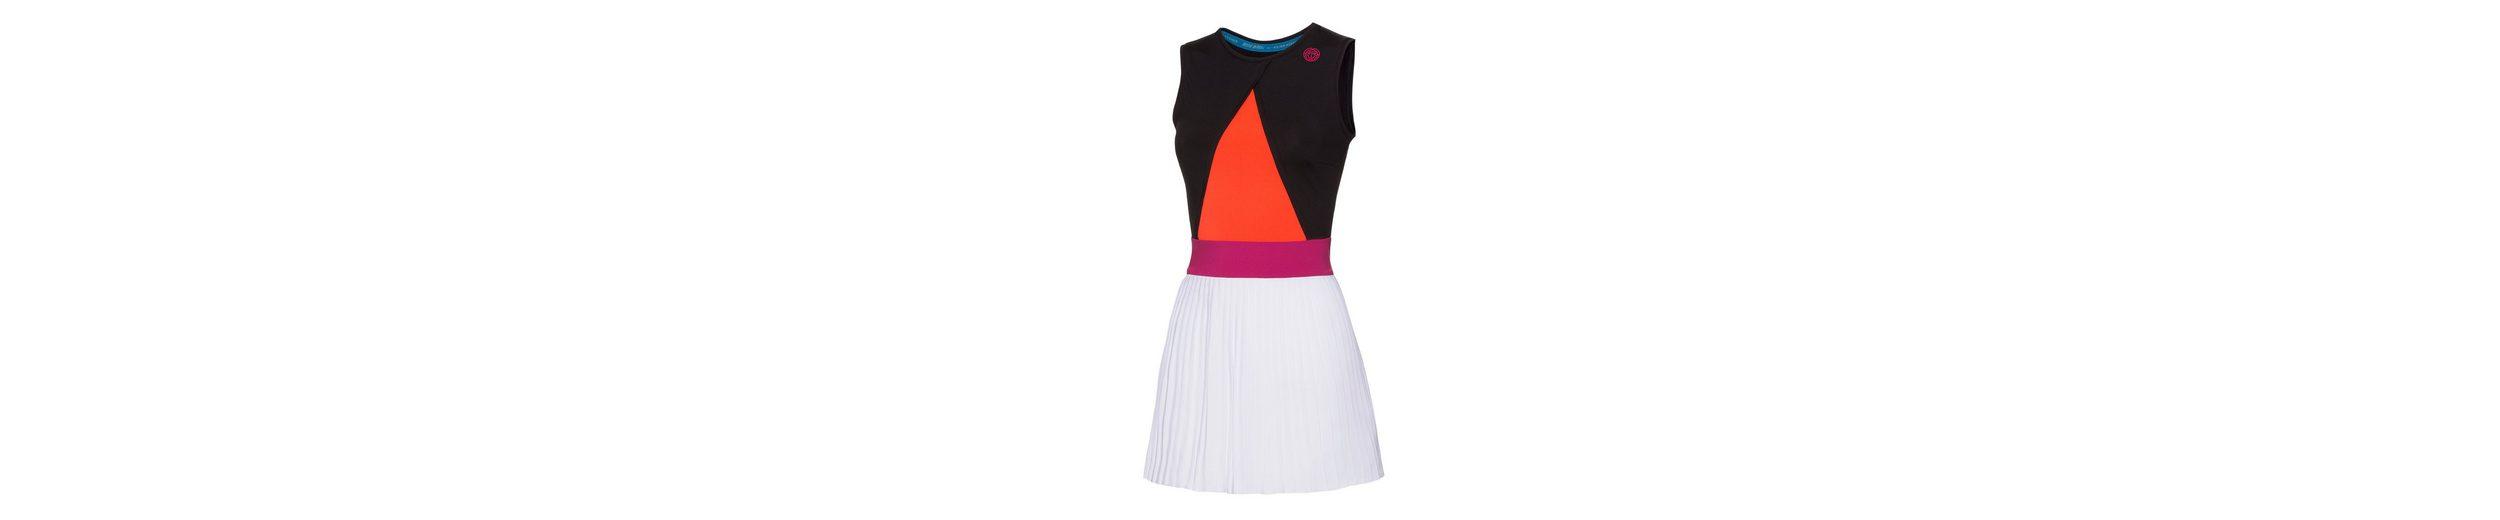 BIDI BADU Tennis-Kleid im innovativen Look Auslass Offizielle Seite Vorbestellung Günstig Online eGZkAb